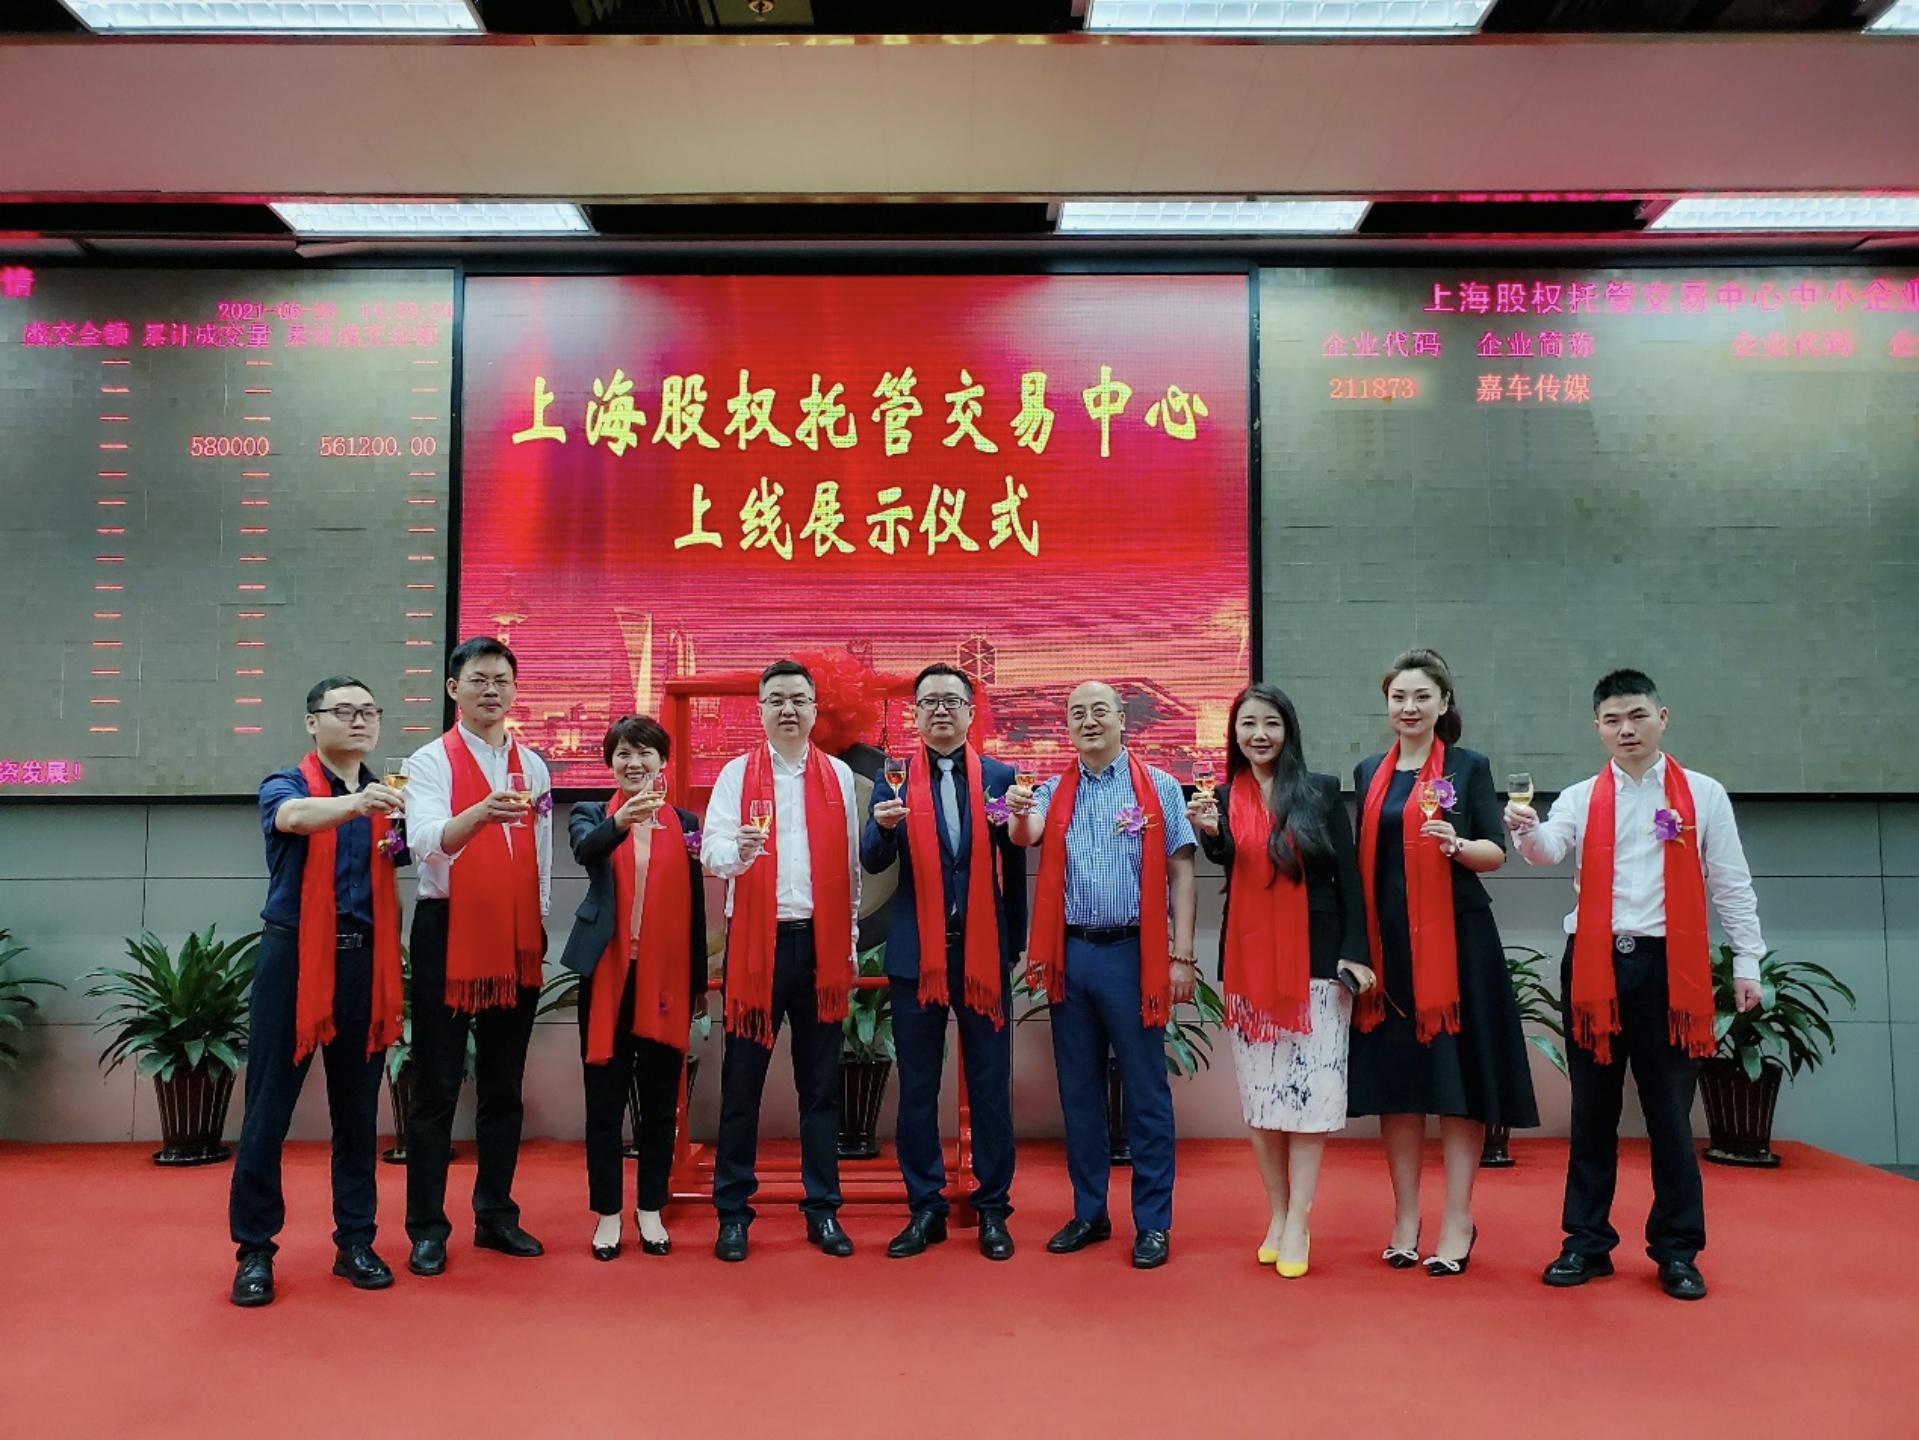 嘉车传媒登陆上股交成功挂牌,陈梓萱欲打造数字化营销发展新模式